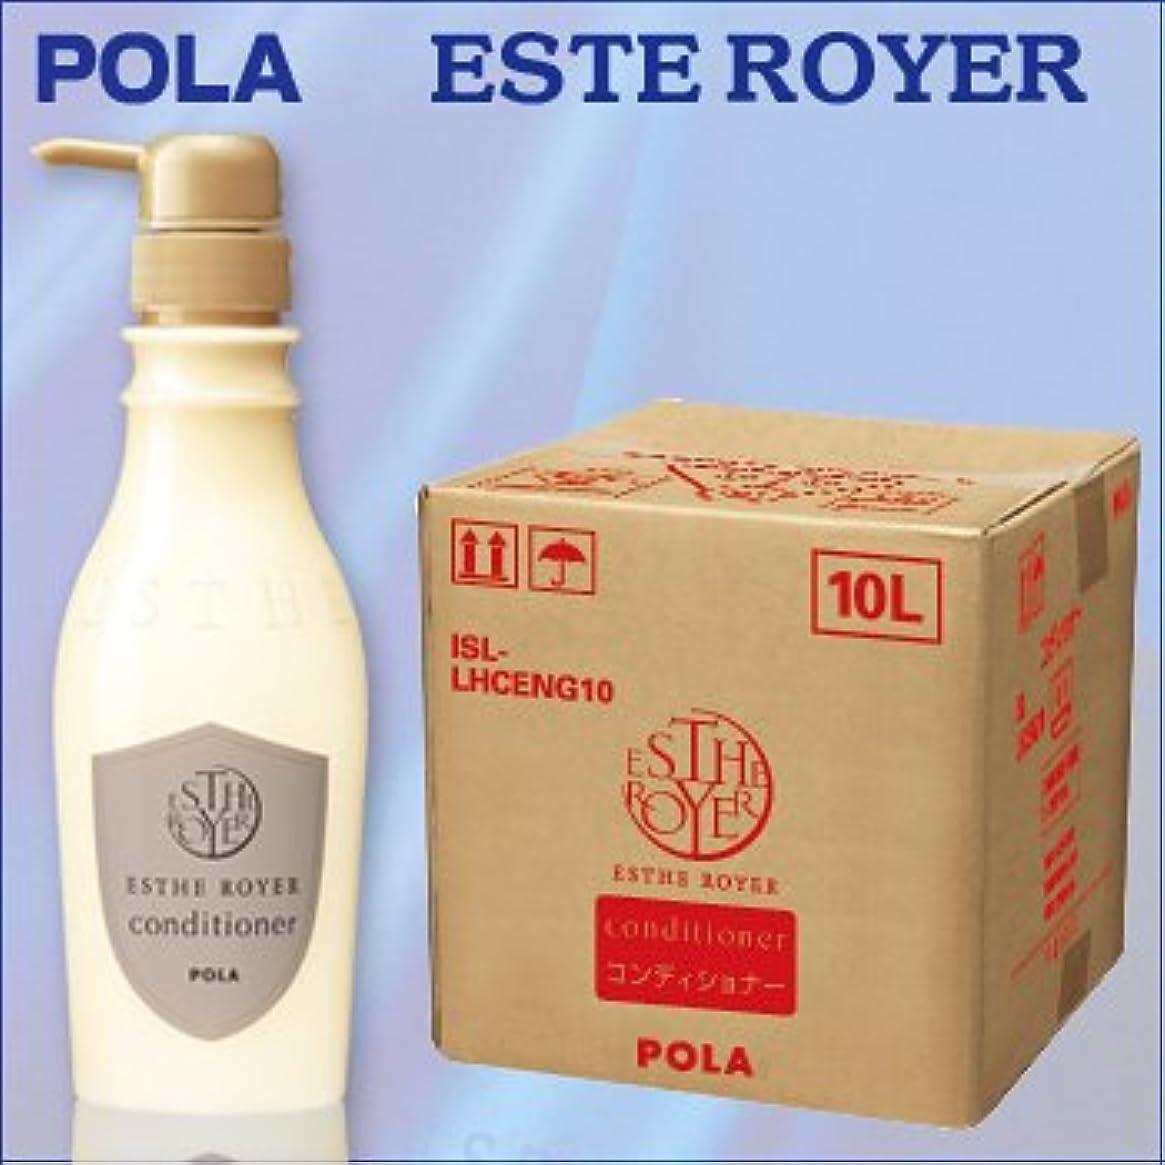 解説収まる見捨てられたPOLAエステロワイエ 業務用コンディショナー 10L (1セット10L入)